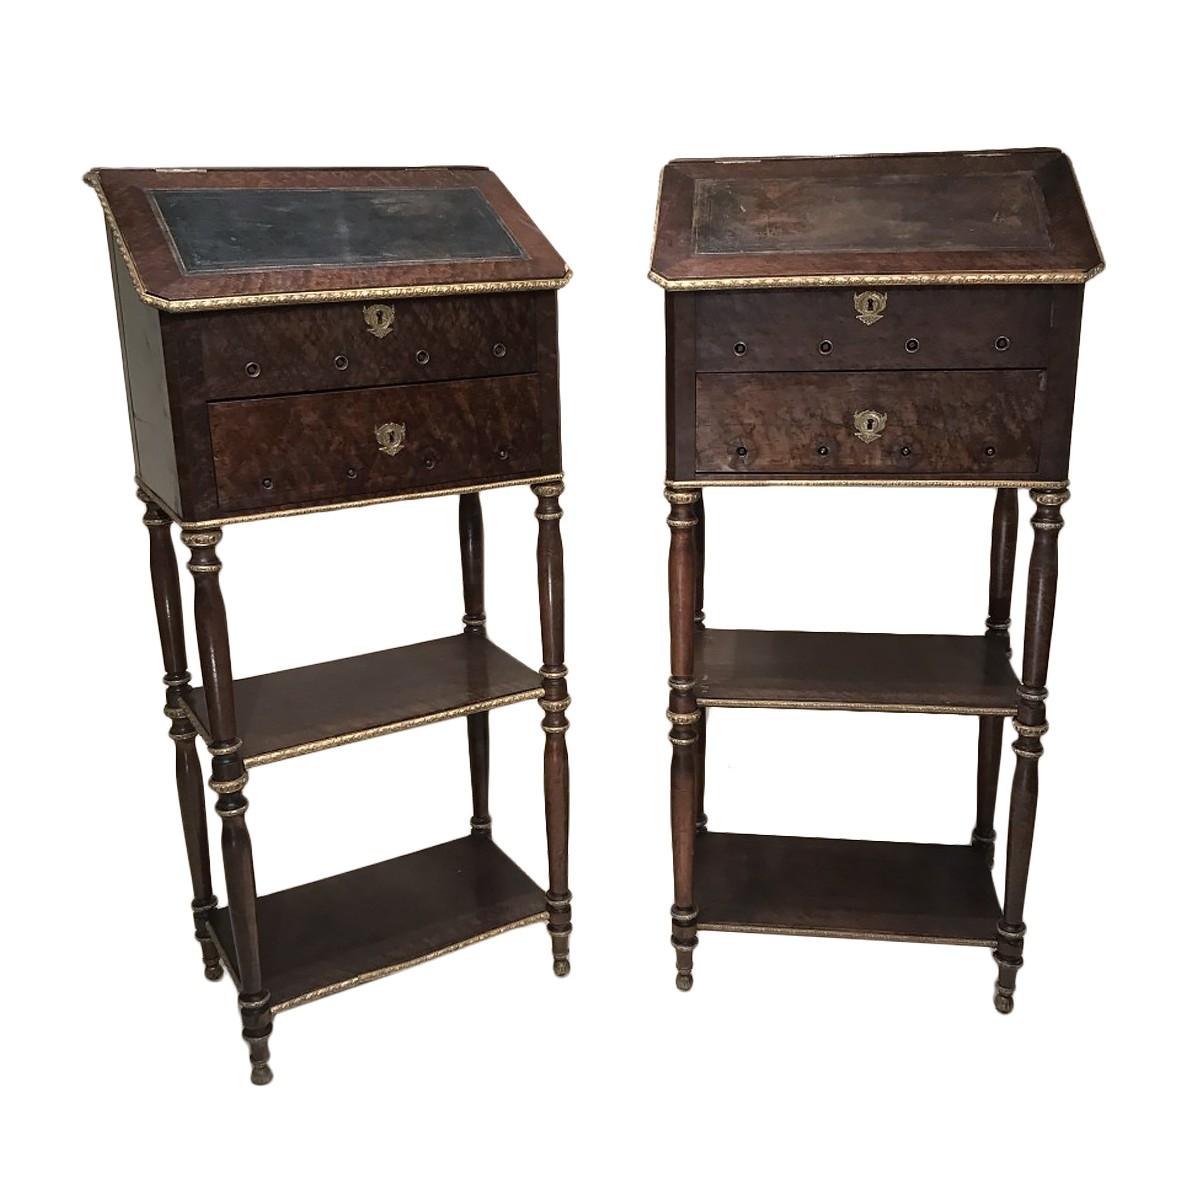 Mobilier Louis Philippe Antiquit S Sur Anticstore Xixe Si Cle # Meubles Louis Philippe